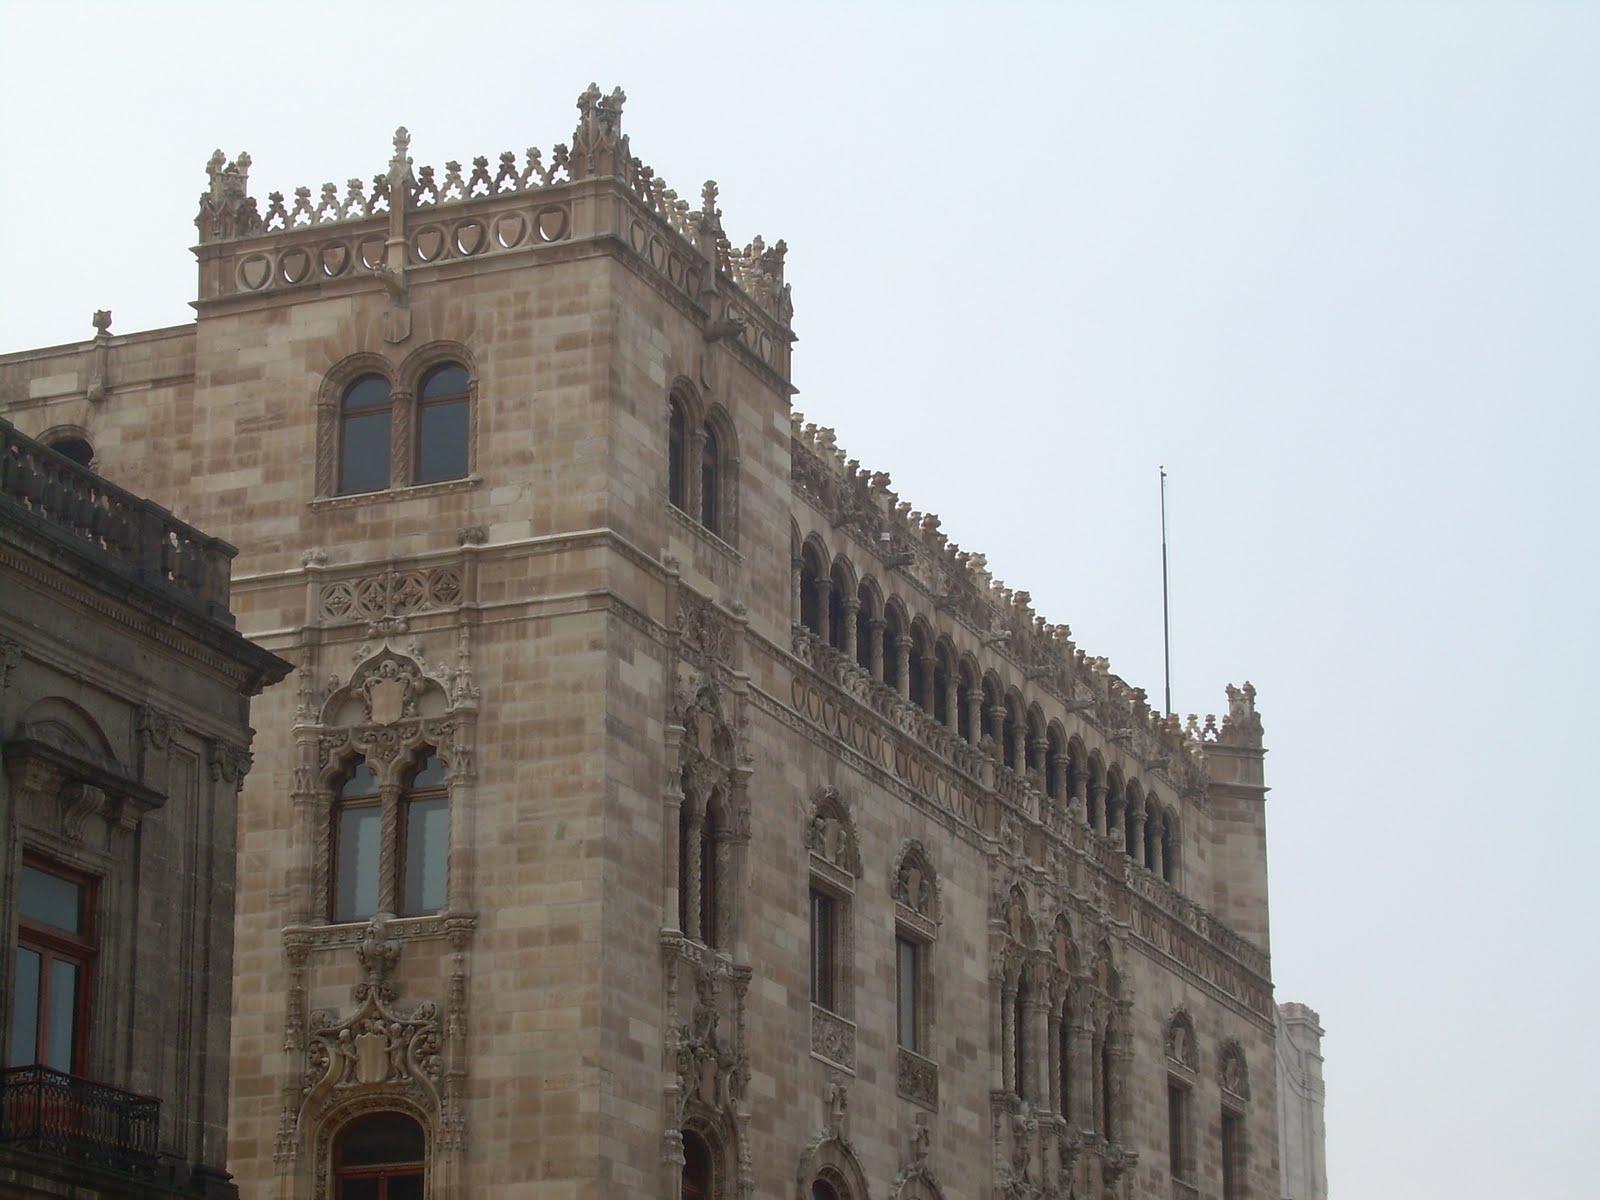 http://4.bp.blogspot.com/_1xtIwkty7AM/S8PG_MwOdhI/AAAAAAAABVU/ynrBSYEmxTs/s1600/Edificio+de+Correos.JPG